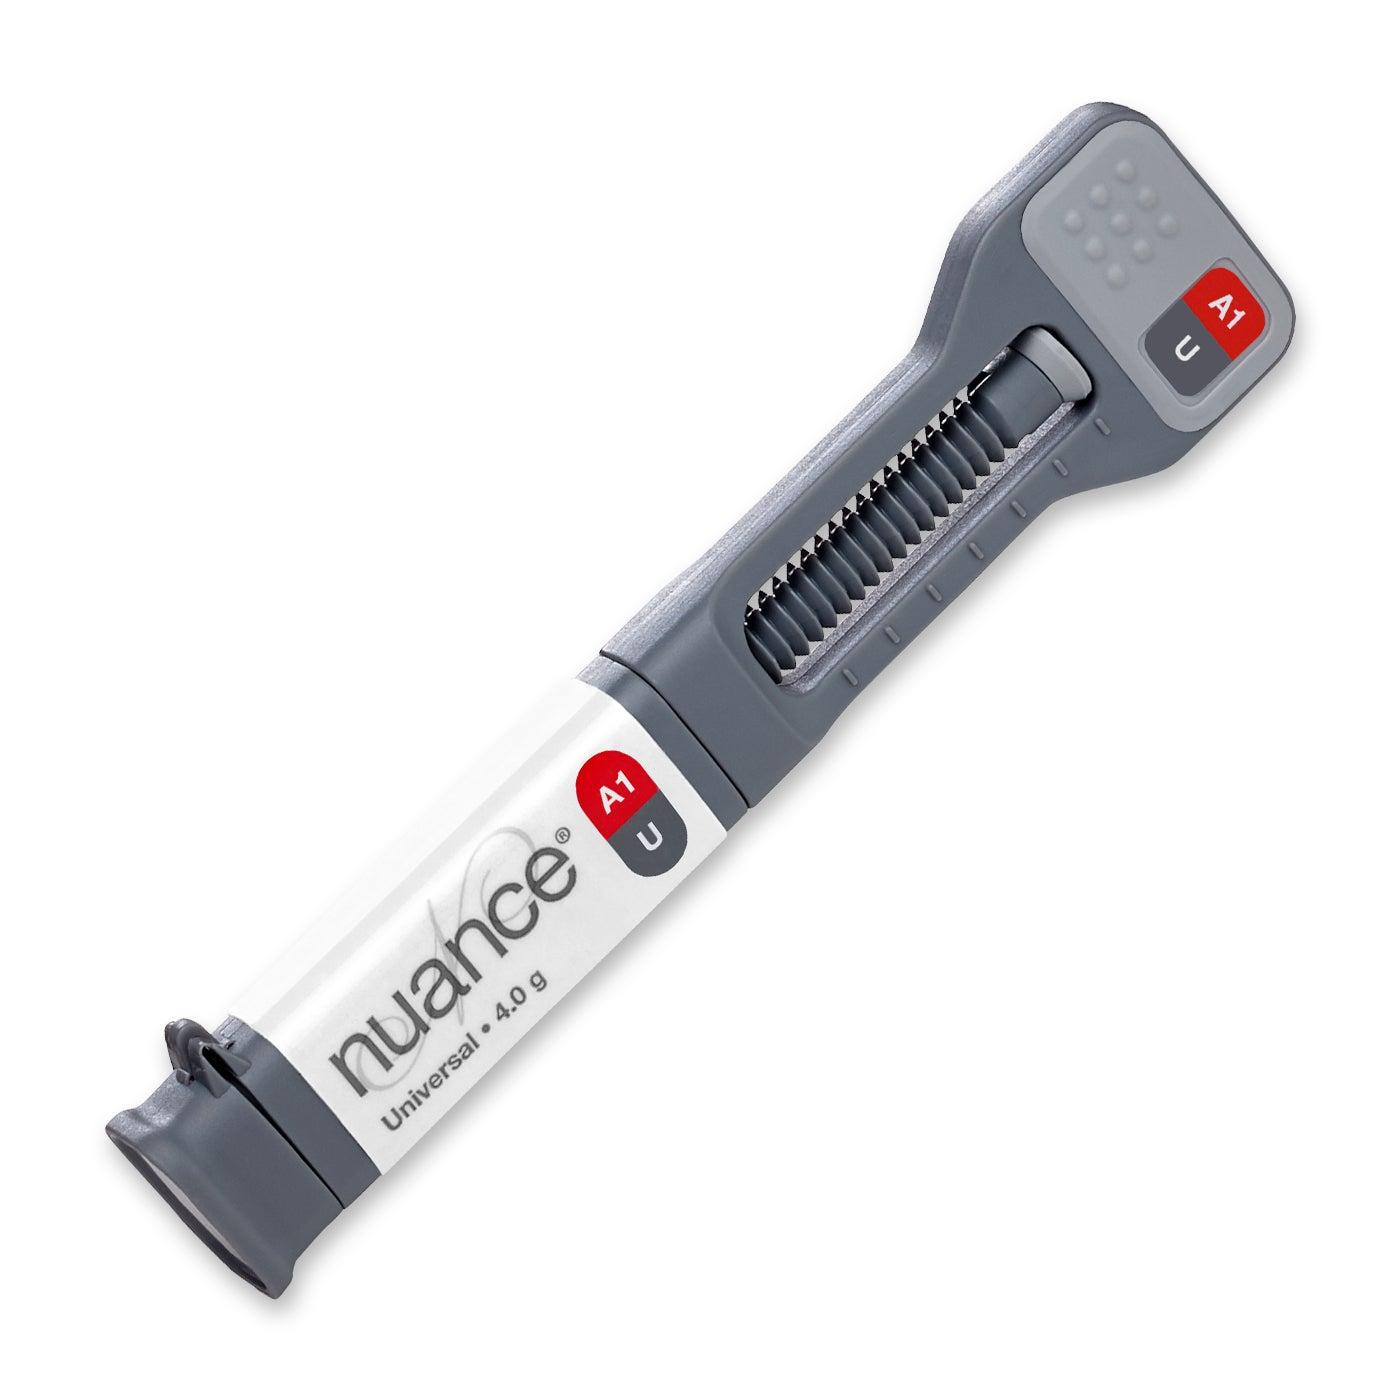 Dental Composite - Nuance A1 Universal Syringe